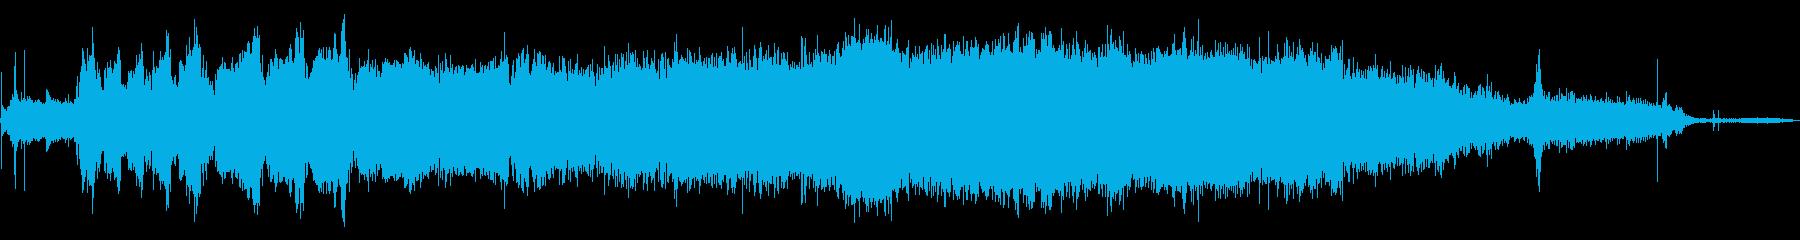 Macダンプトラック:Int:スタ...の再生済みの波形